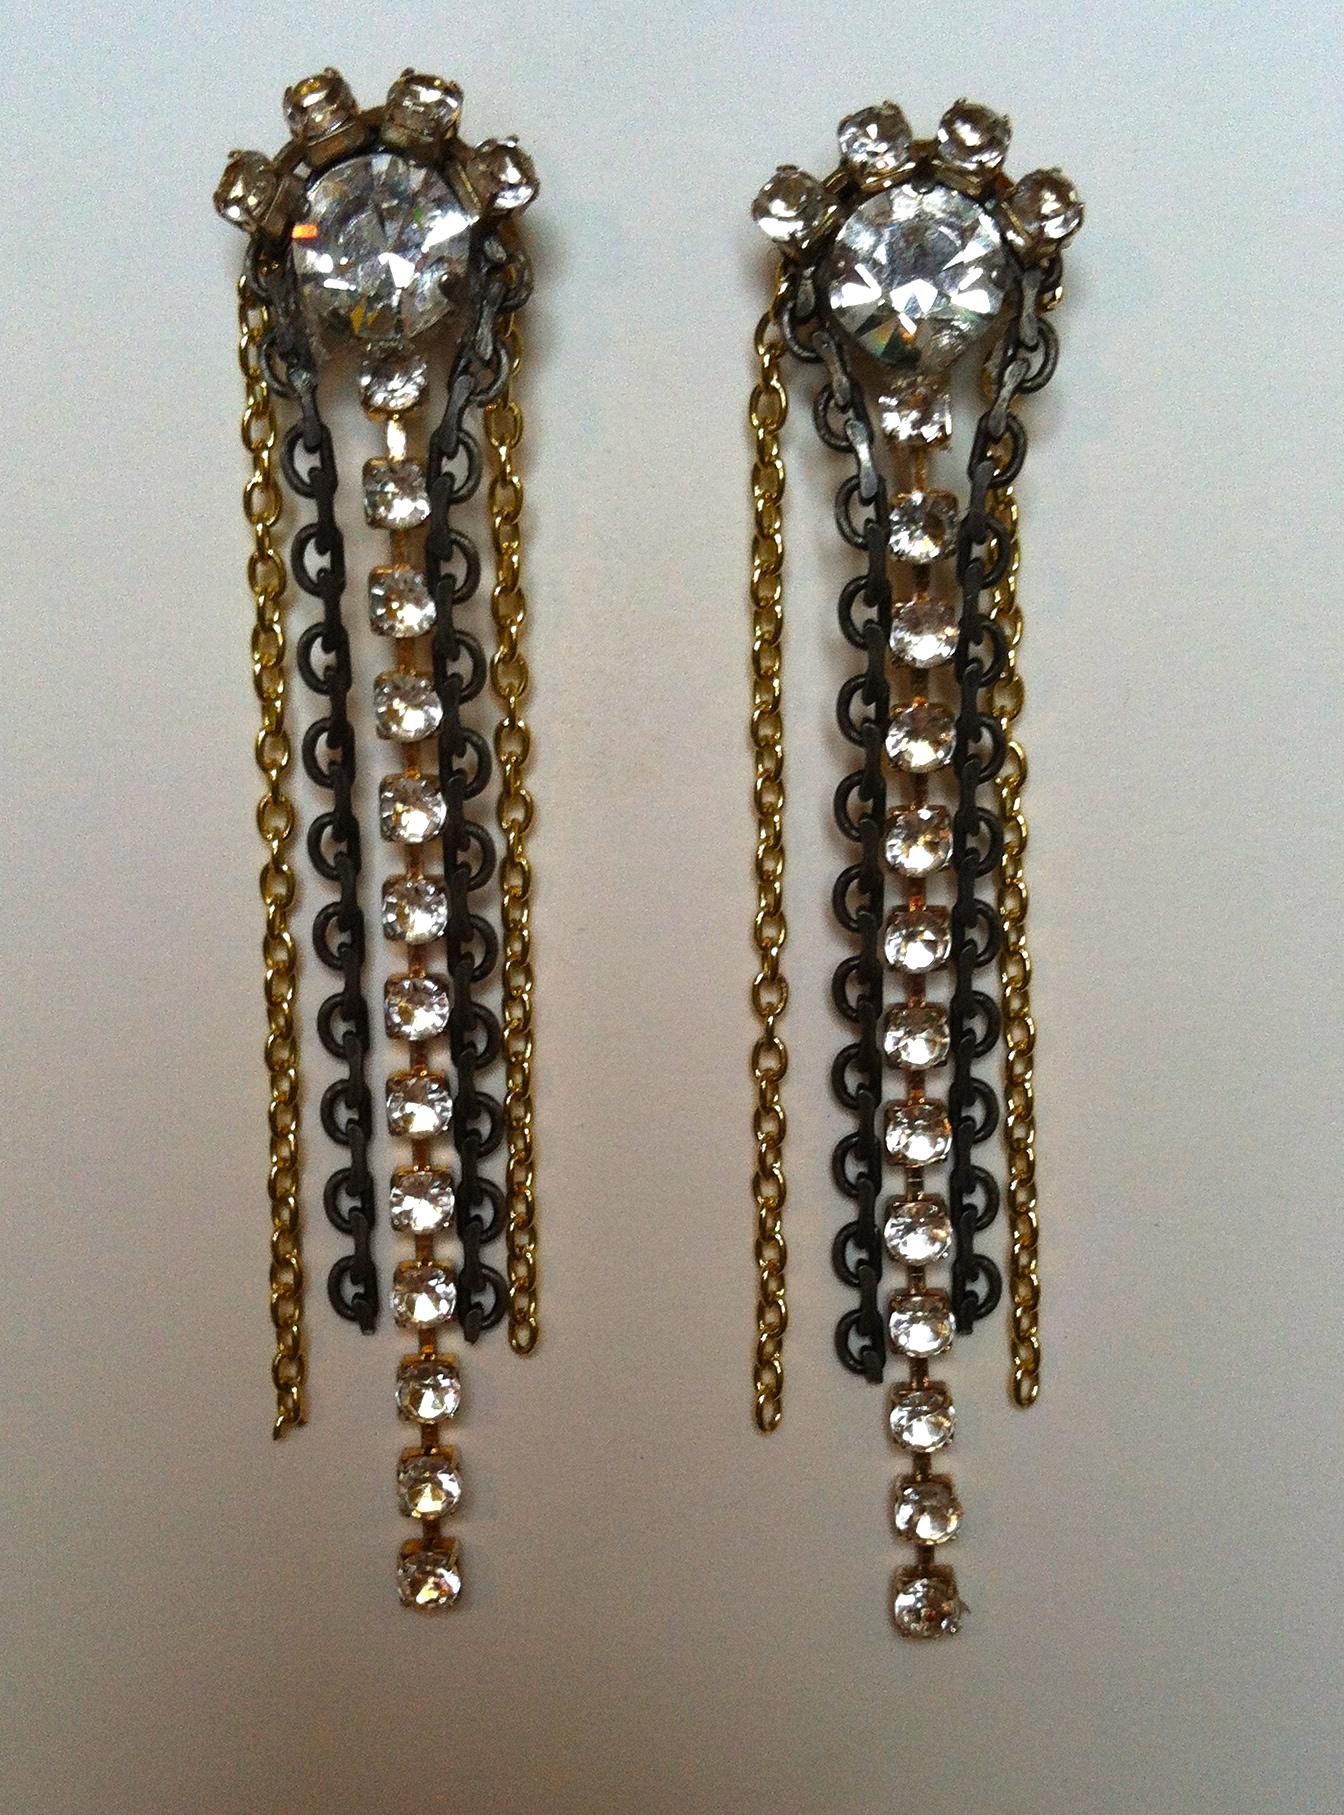 Stella & Dot Inspired Earrings